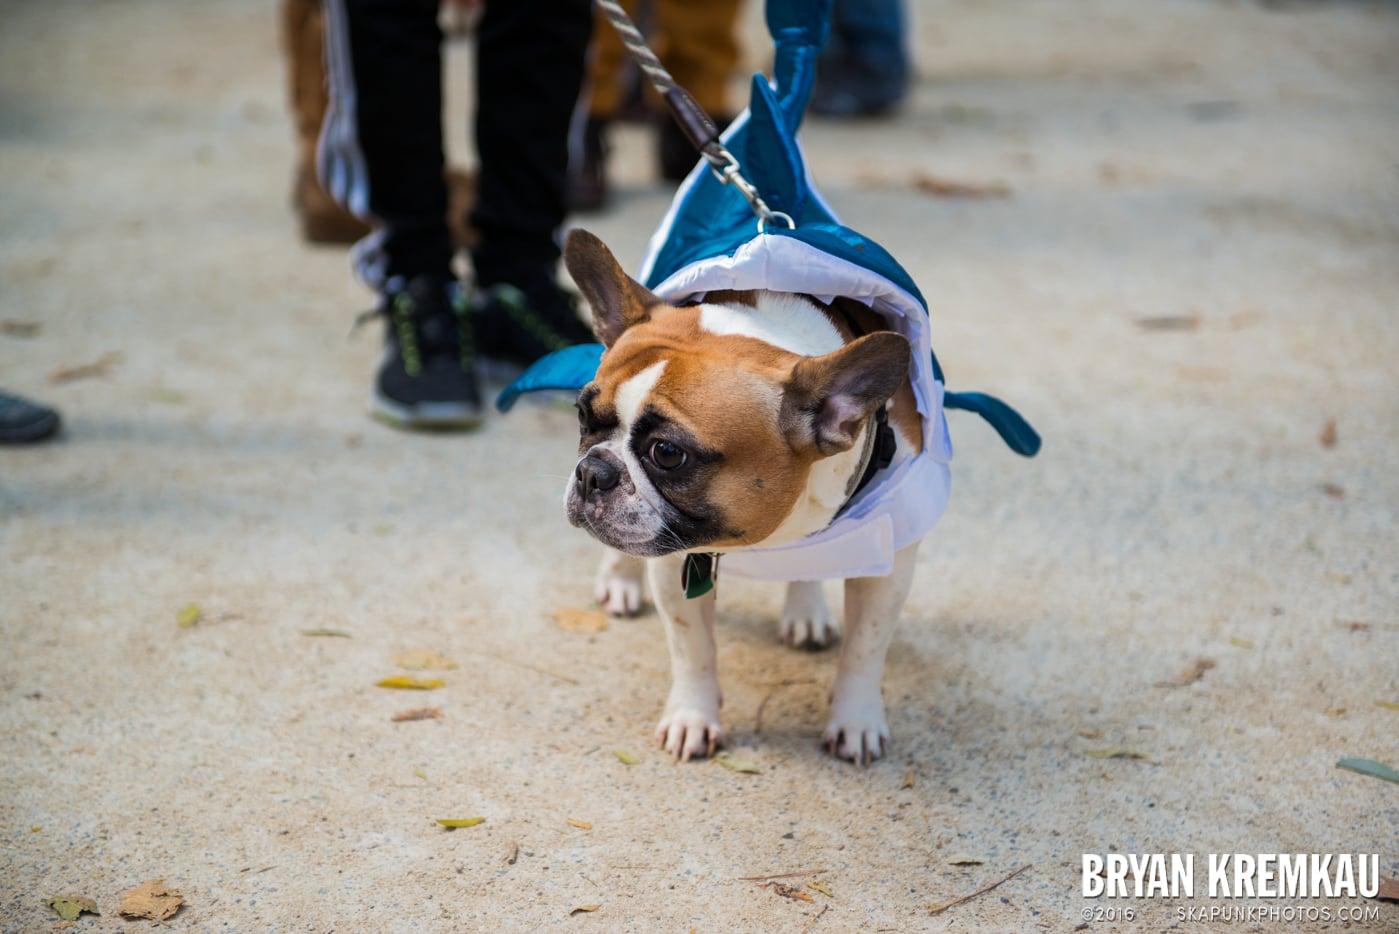 Tompkins Square Halloween Dog Parade 2013 @ Tompkins Square Park, NYC - 10.26.13 (47)